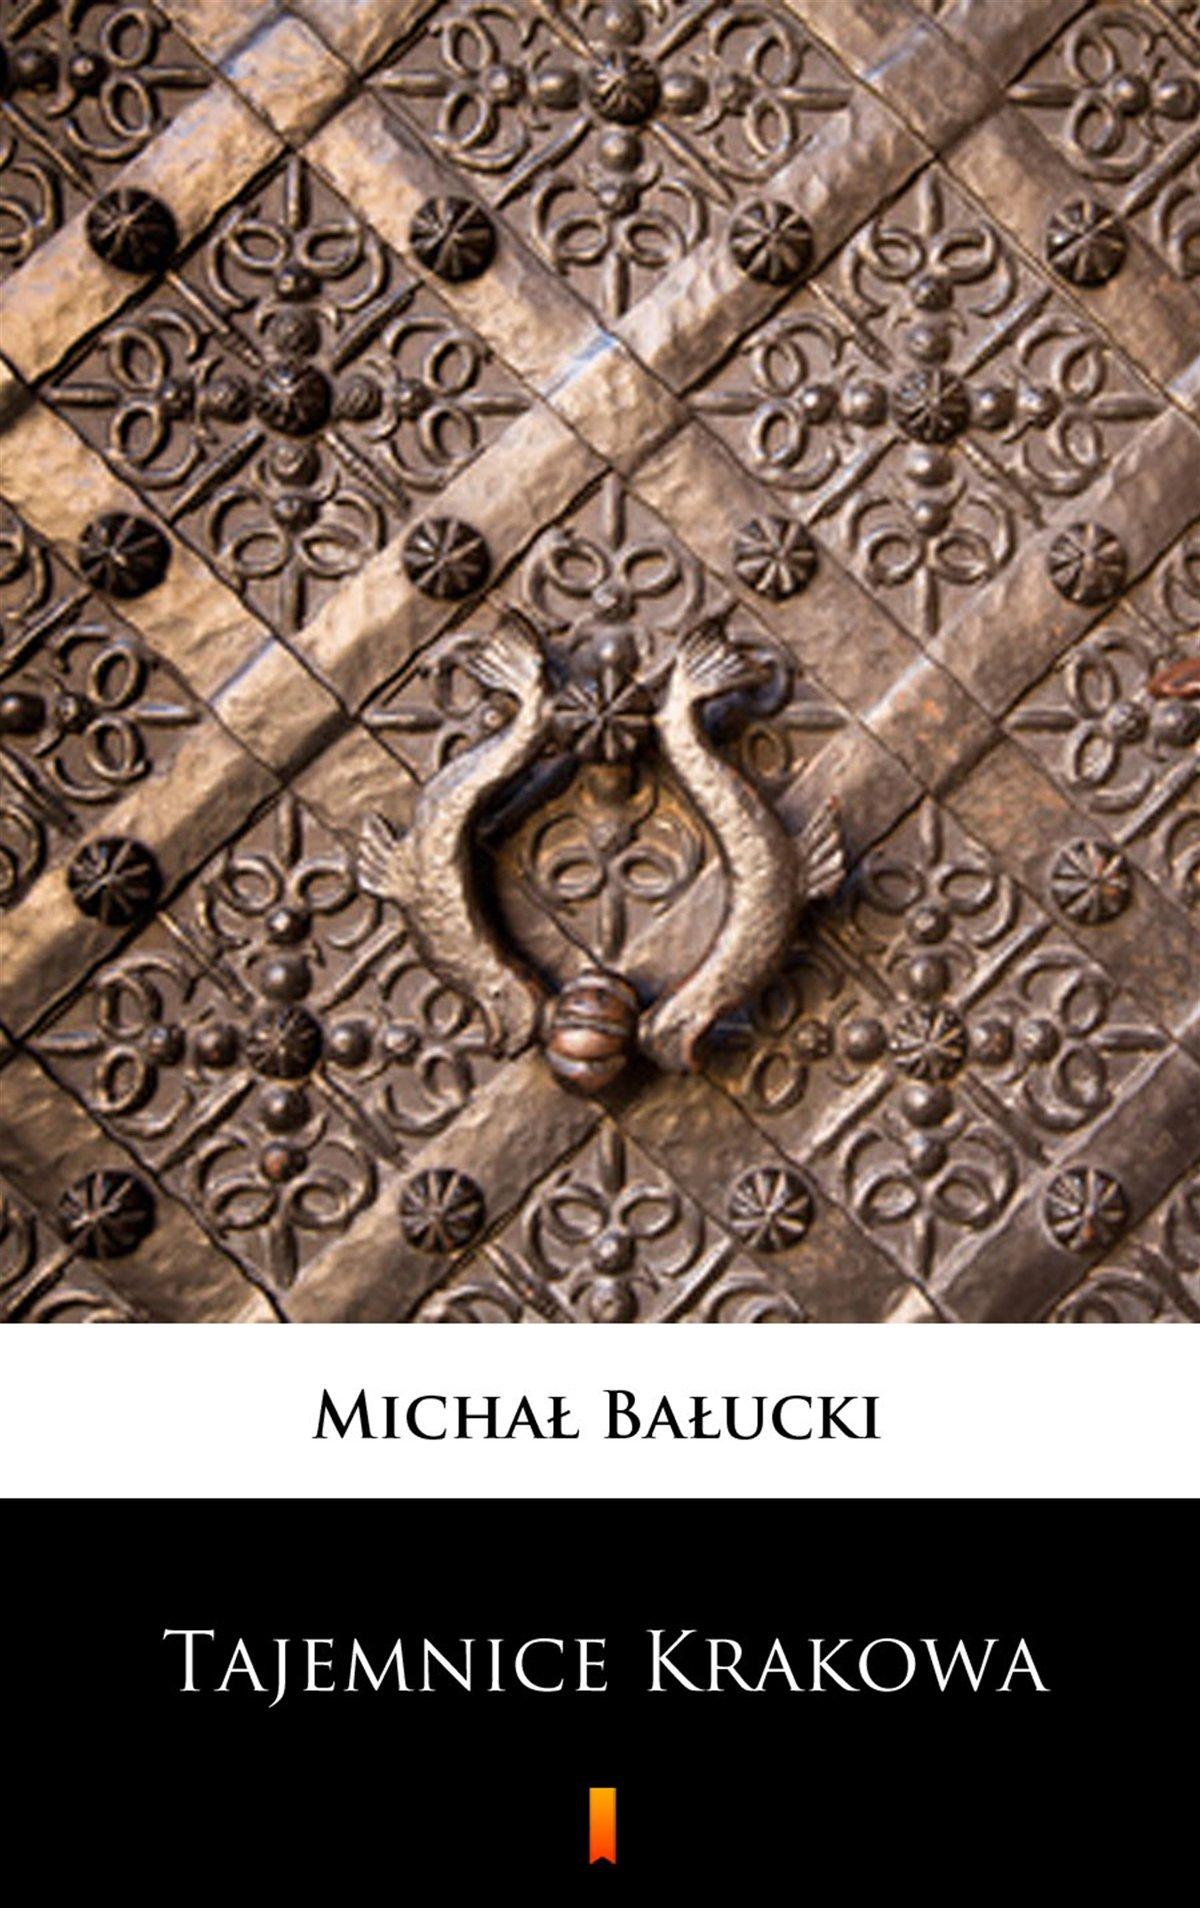 Tajemnice Krakowa - Ebook (Książka na Kindle) do pobrania w formacie MOBI